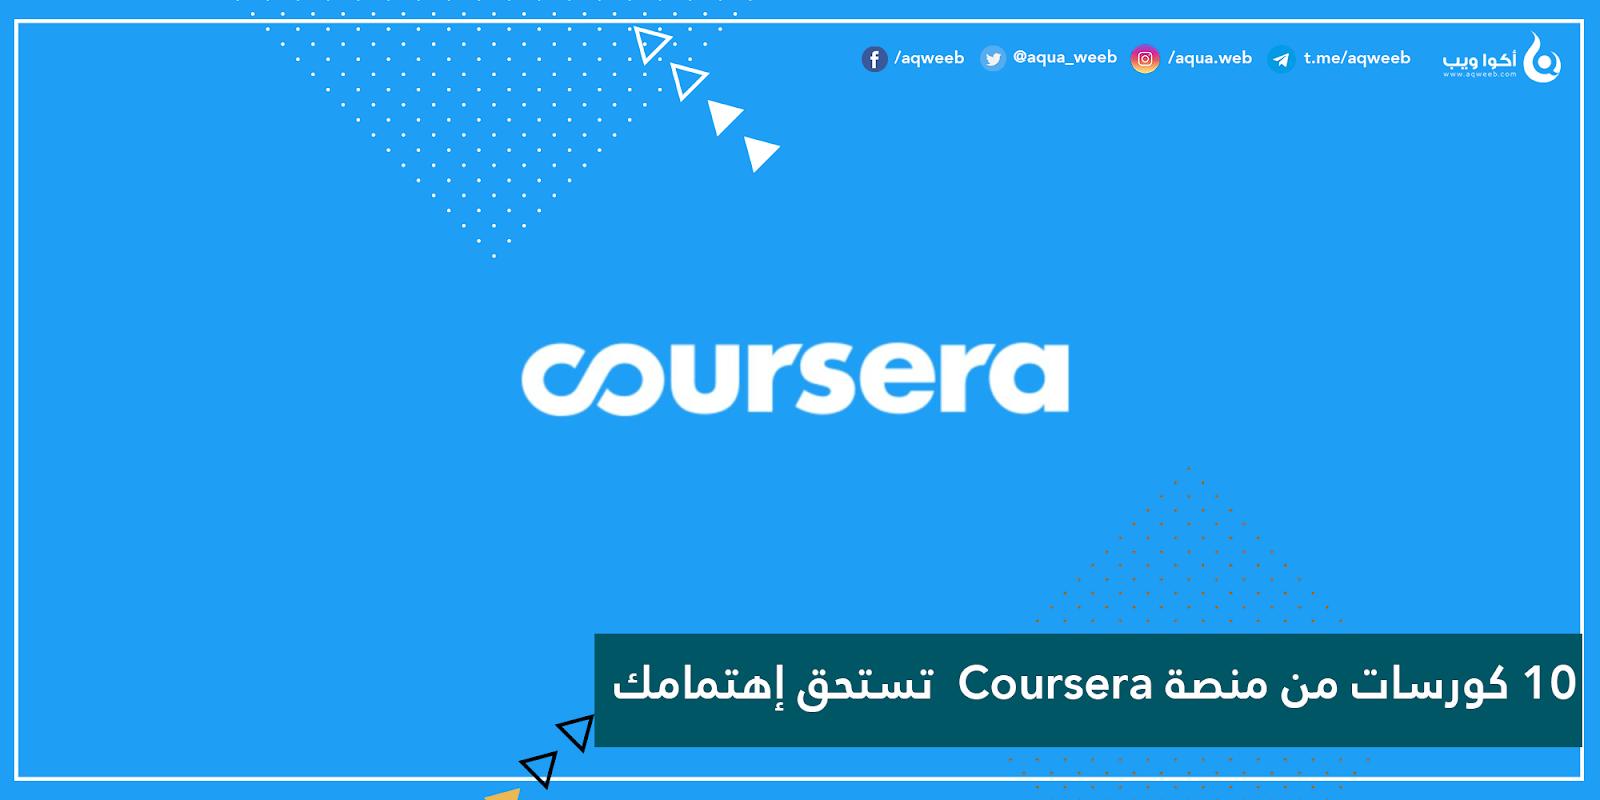 10 دورات من منصة Coursera  تستحق إهتمامك ( بعضها مع شهادة )